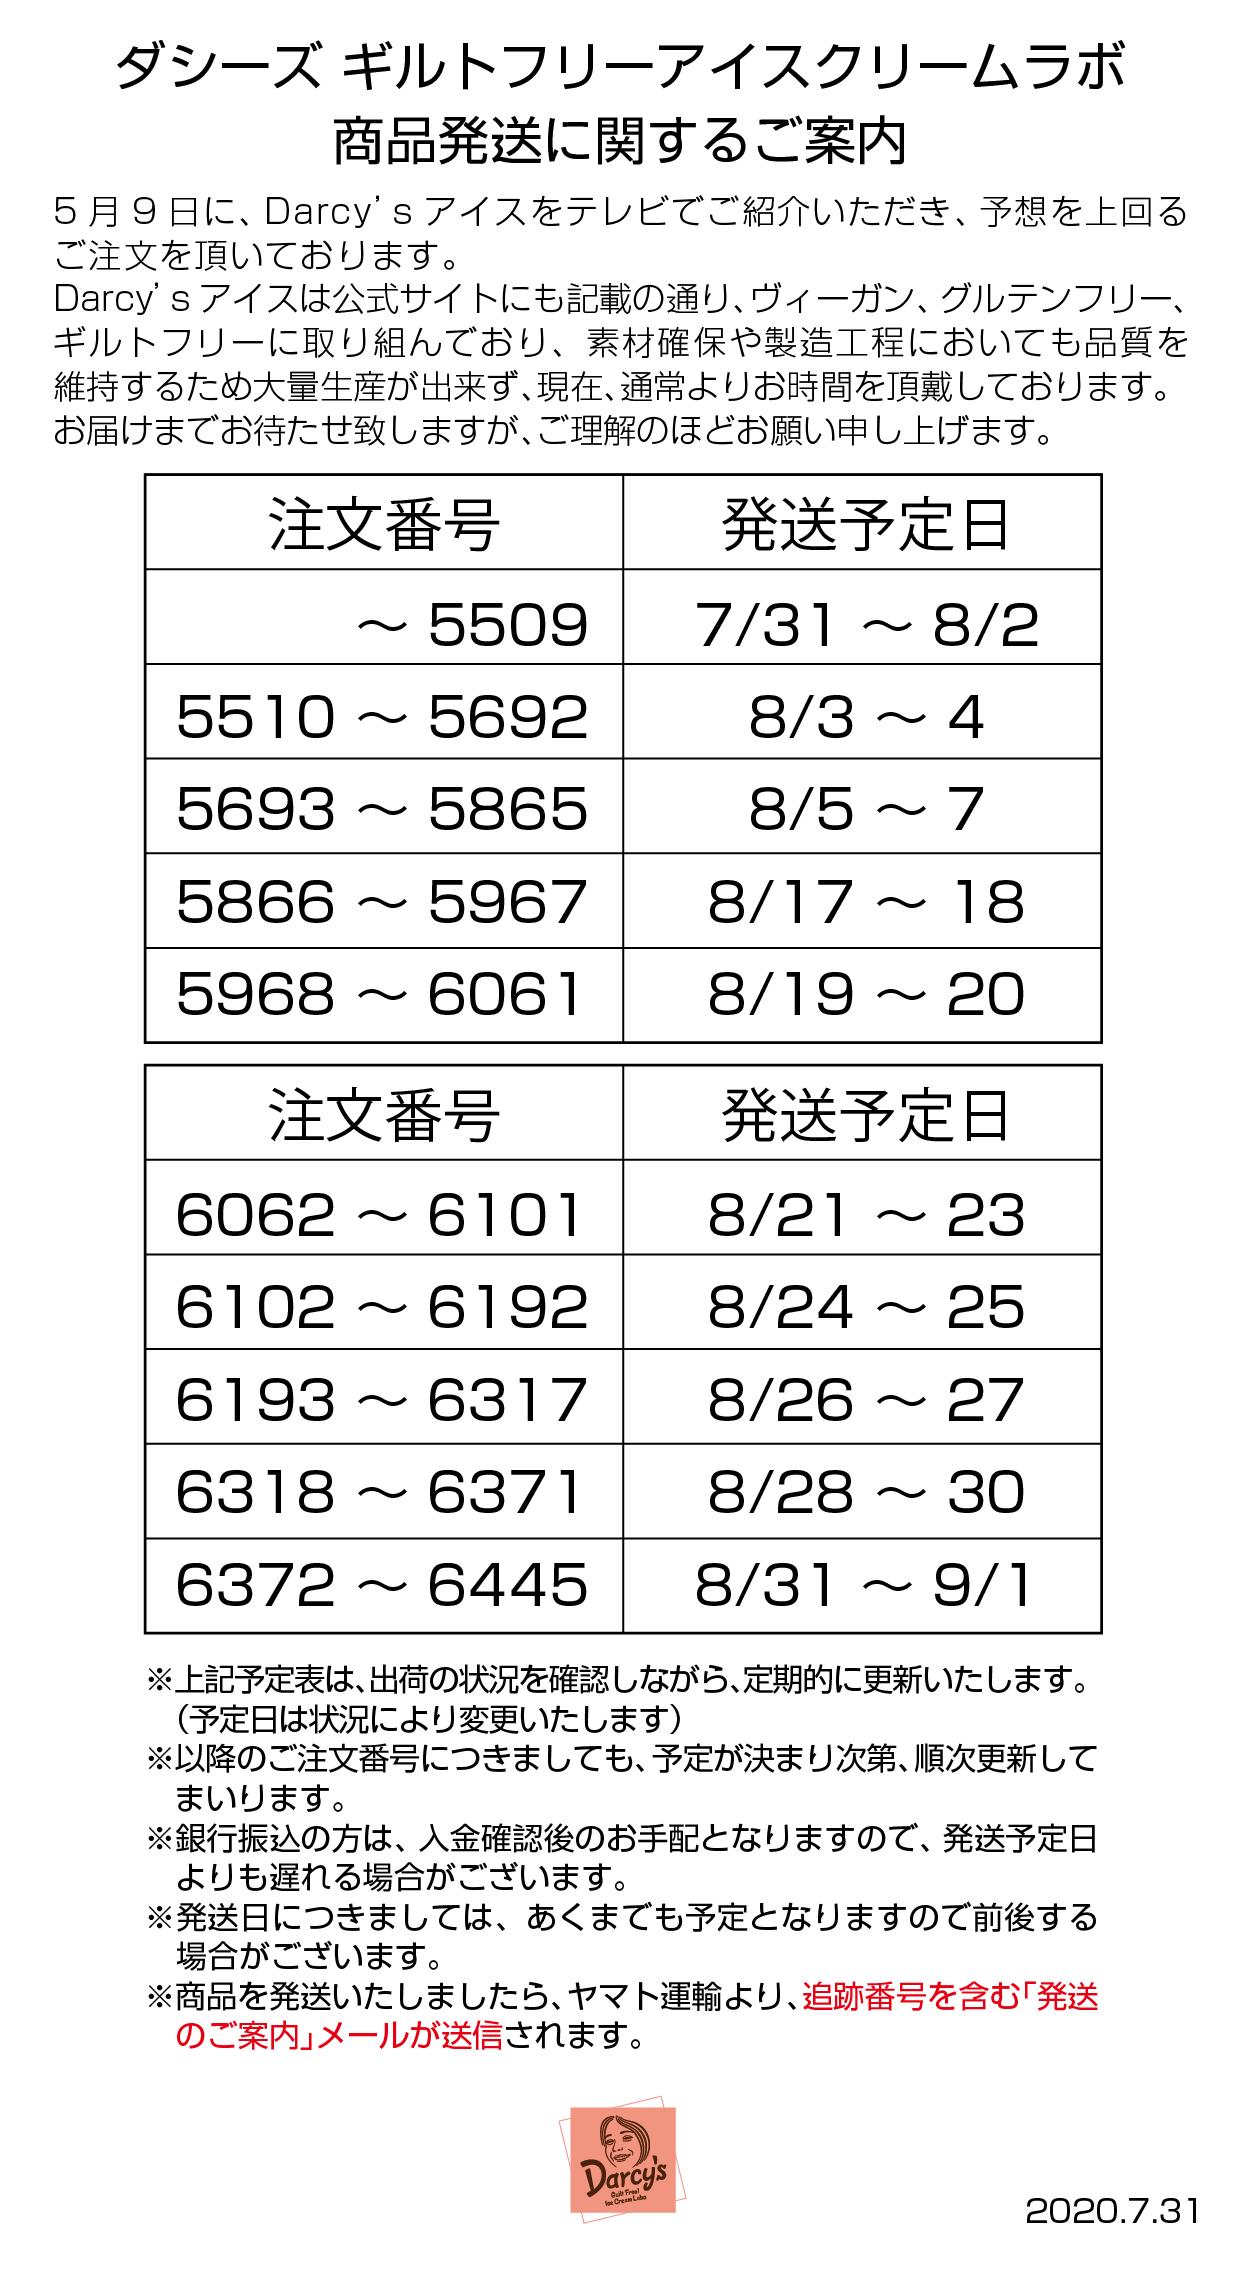 200731ダシーズ配送日のご案内_smafo